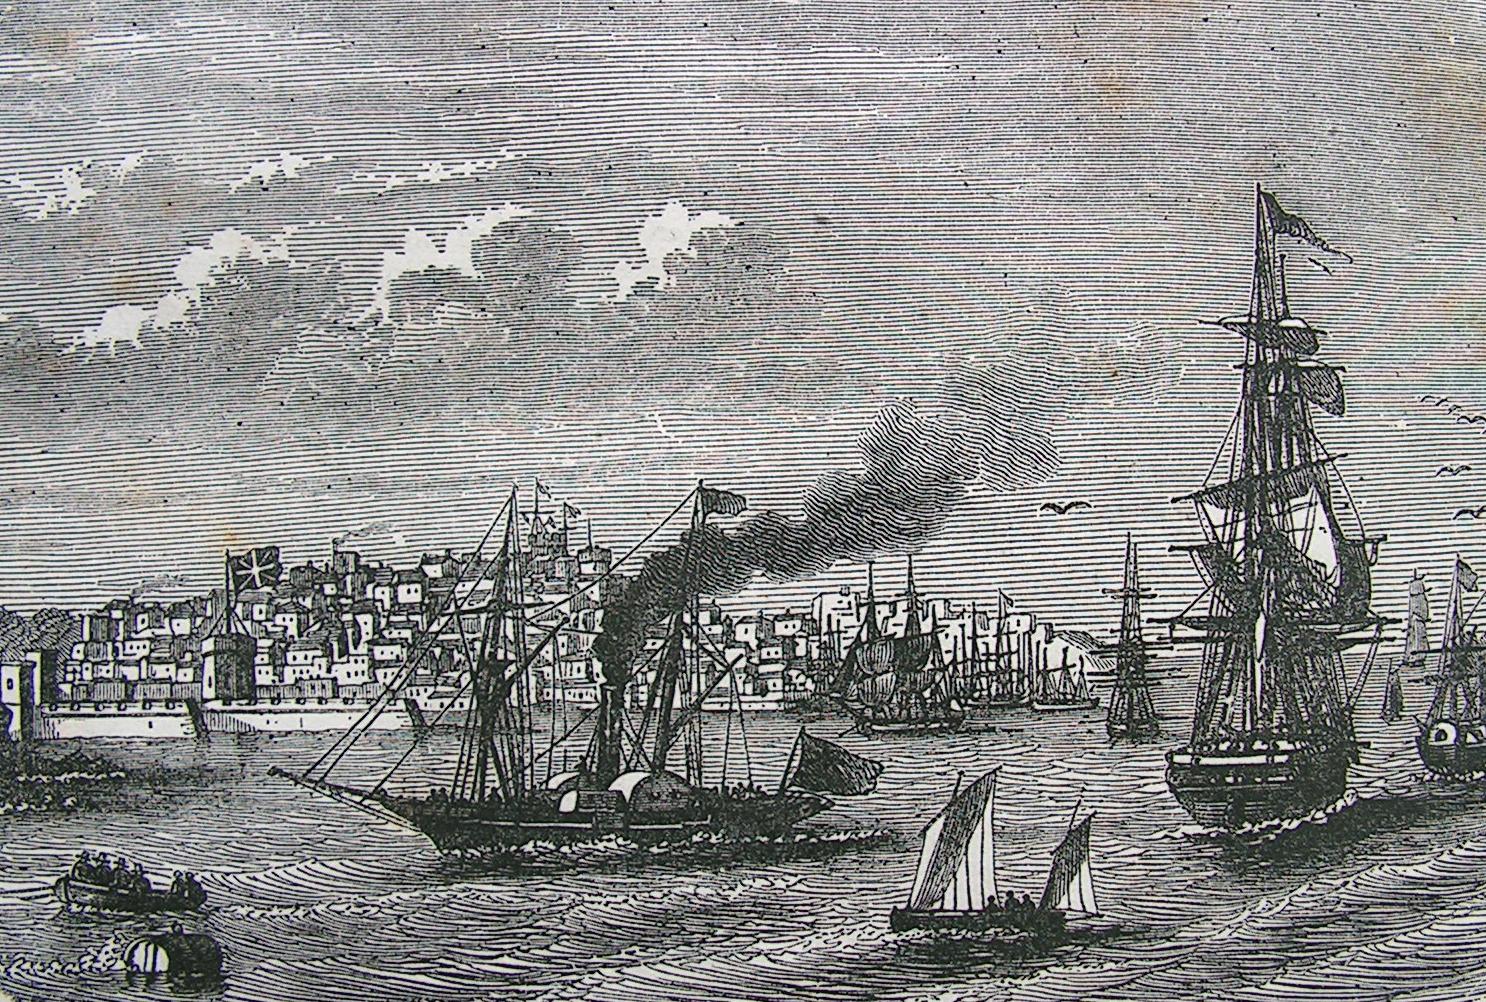 Tribiala-Sydney XIX.mendean